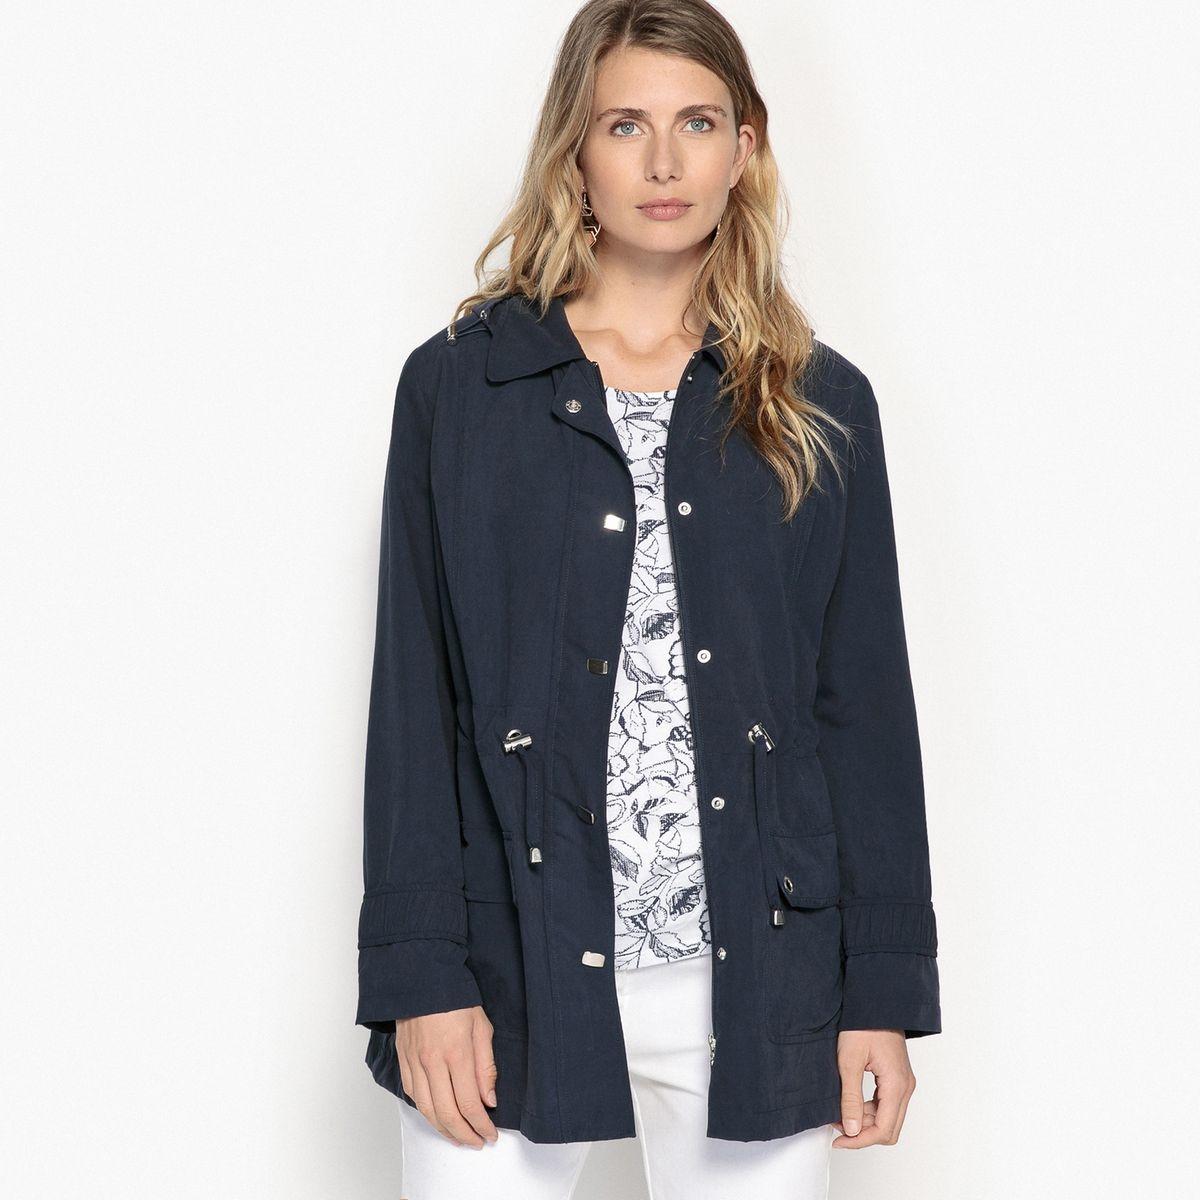 Veste Tendance Femme en ce qui concerne manteau tendance - fashion designs